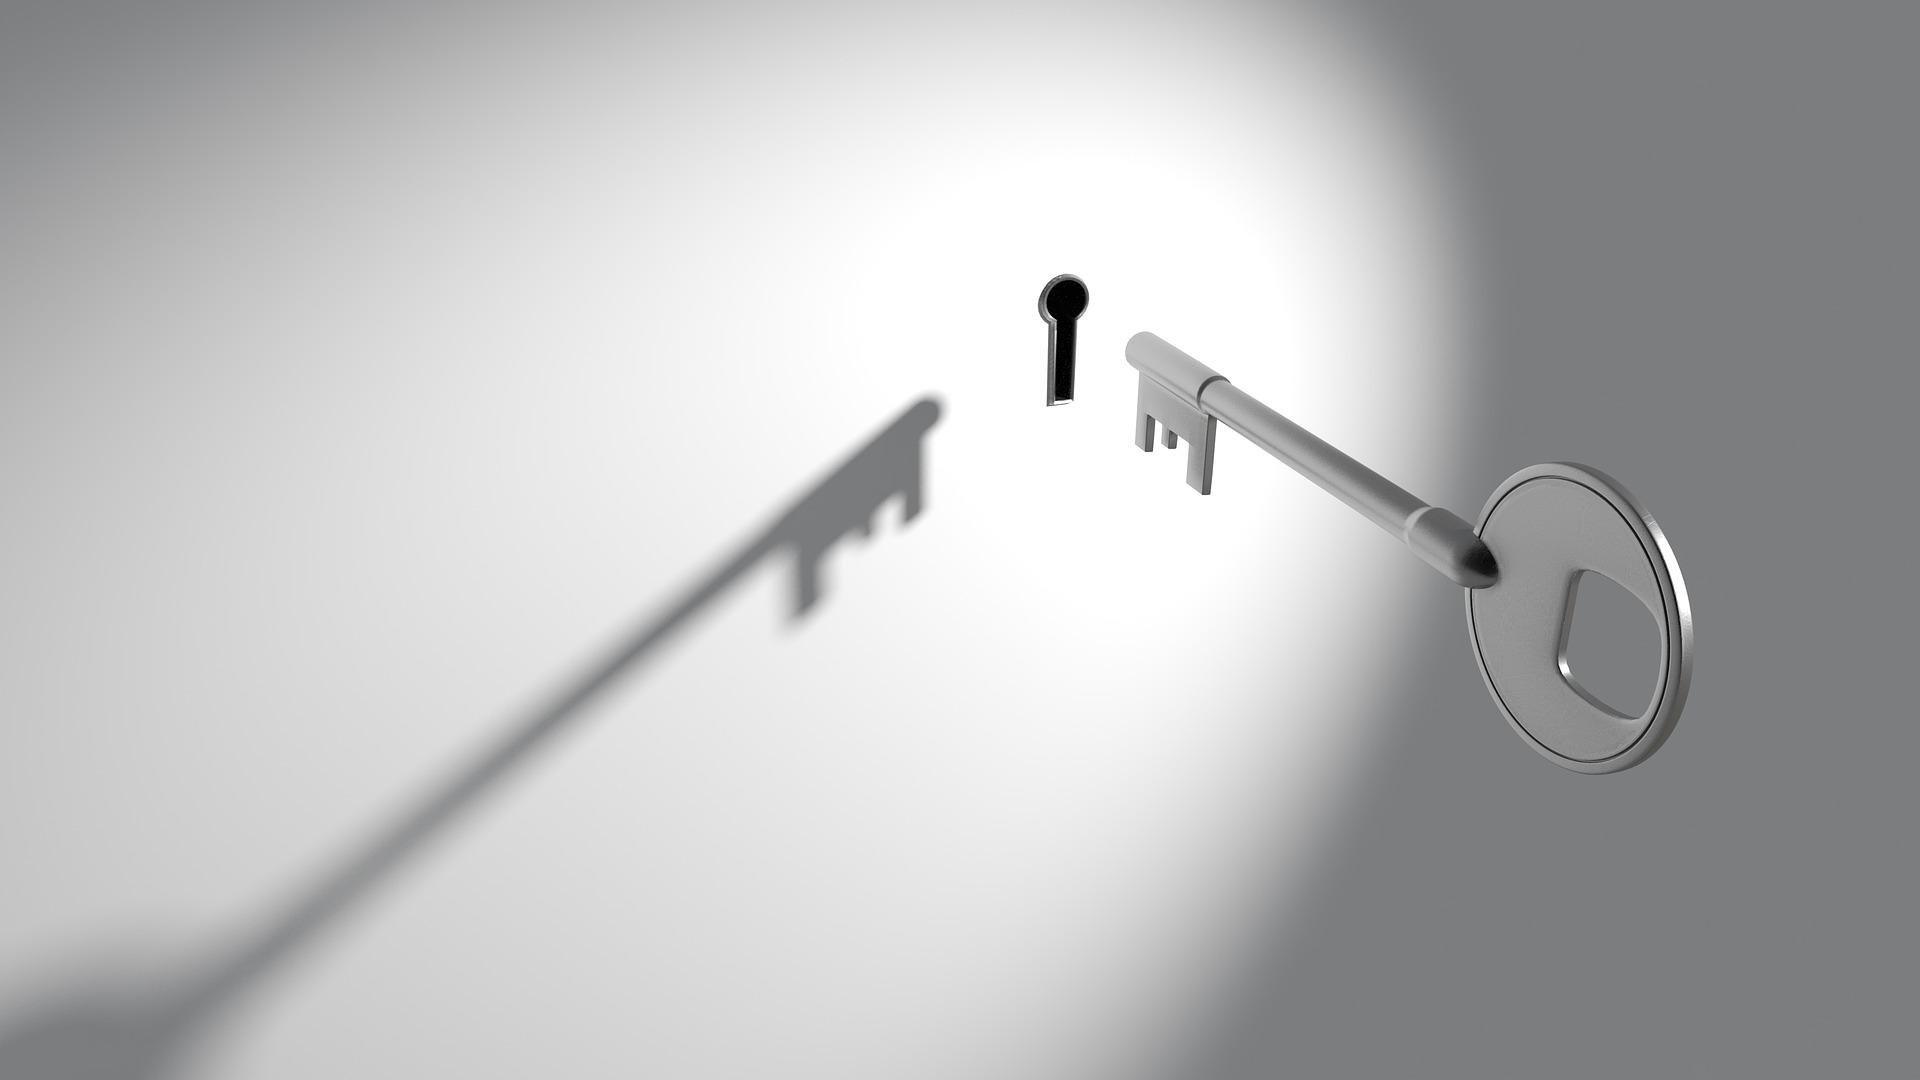 imagen de llave abriendo ceraadura